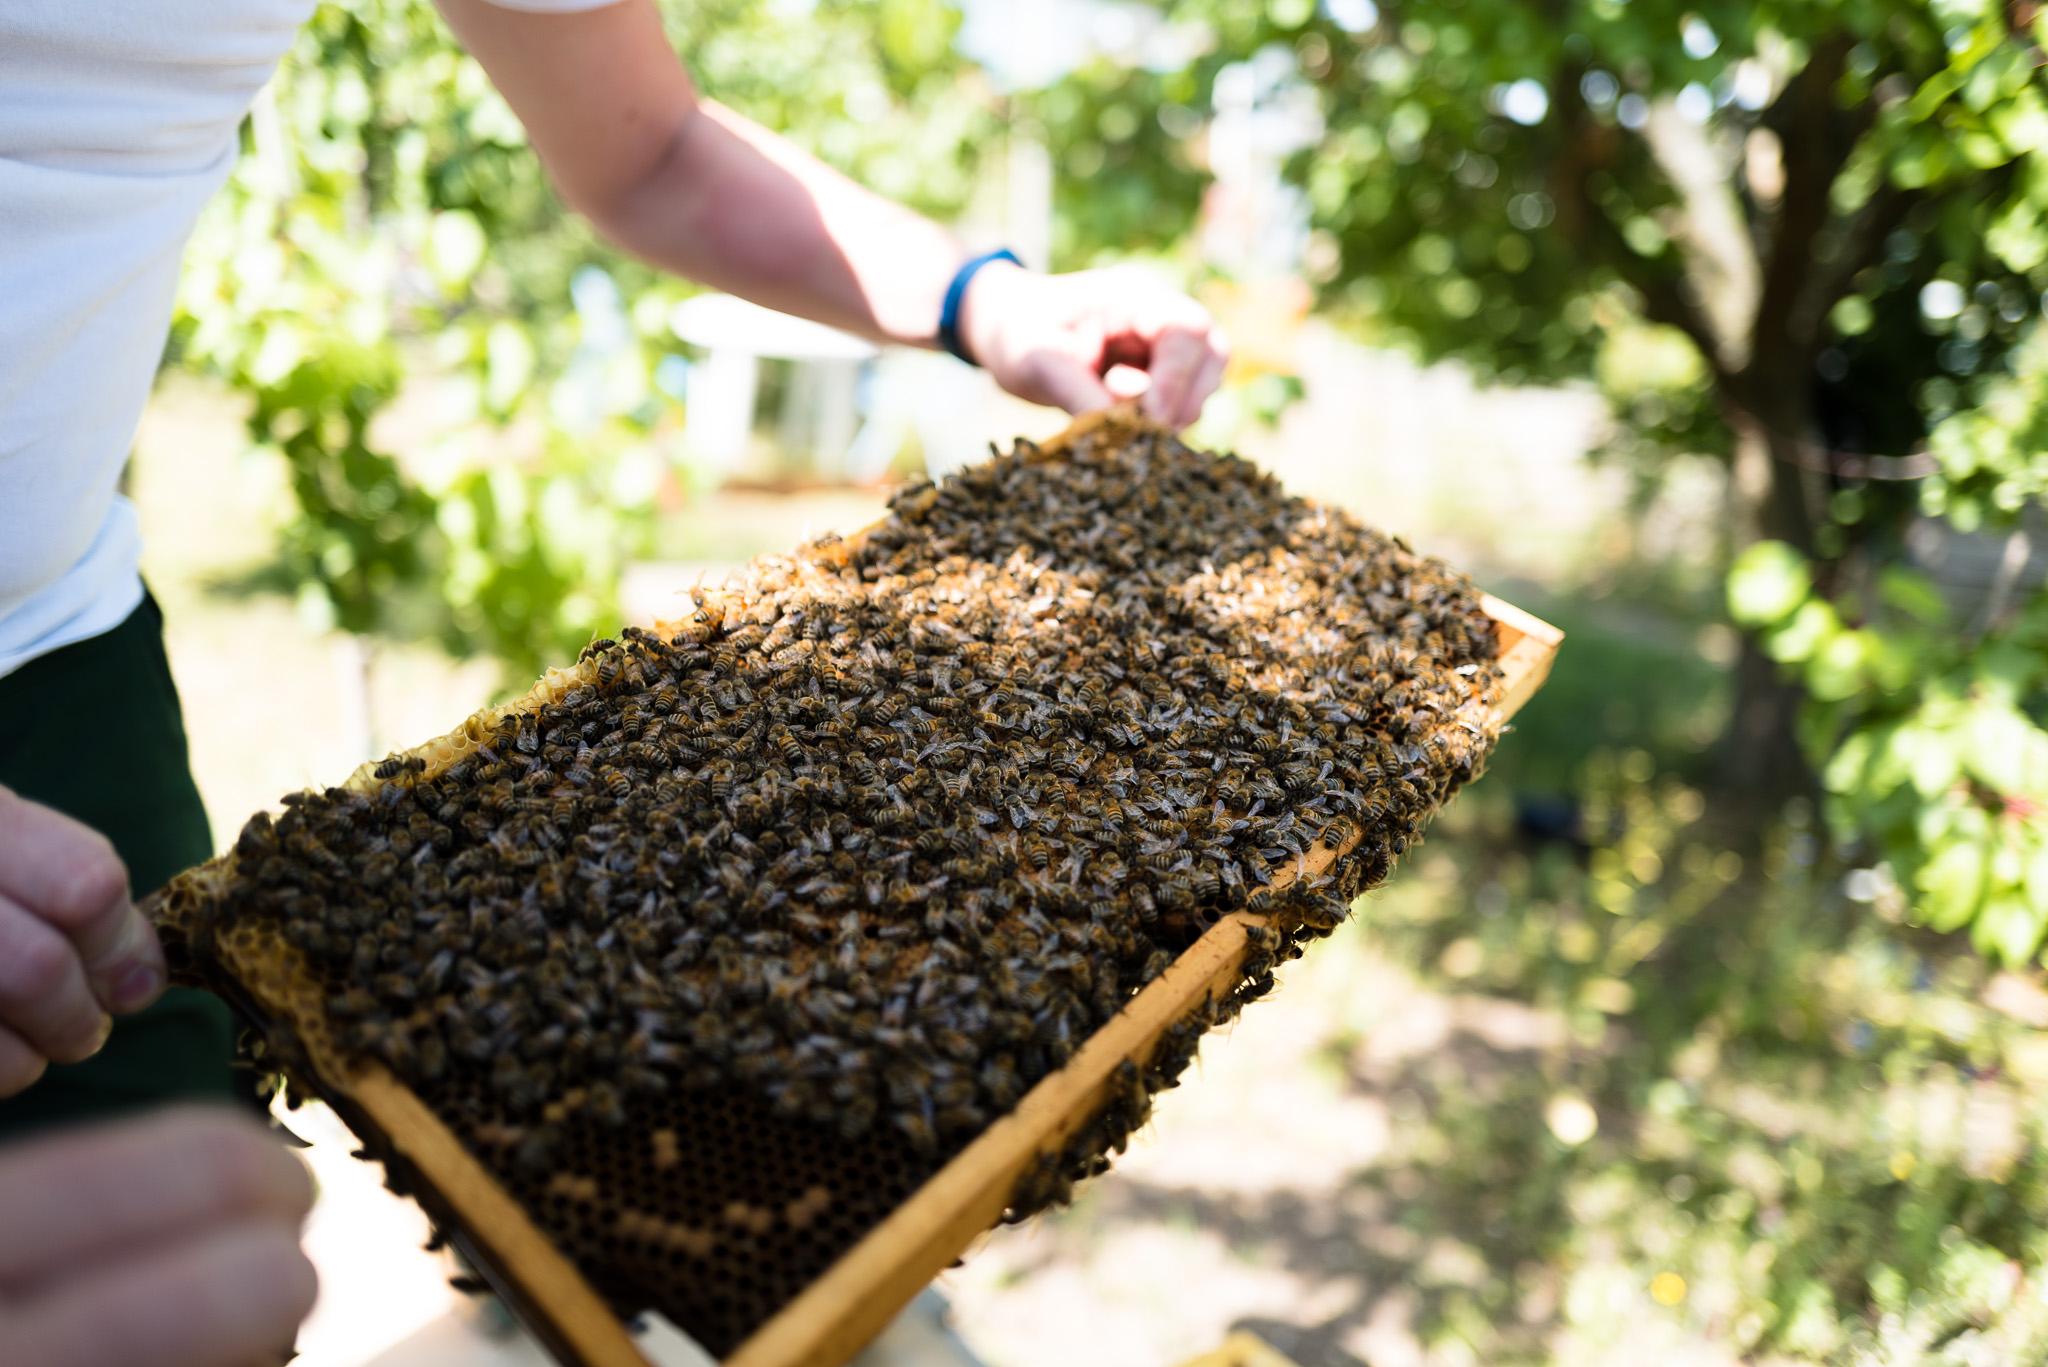 Imker - Ueberpruefung der Bienenstoecke - ein Rahmen voll mit Bienen